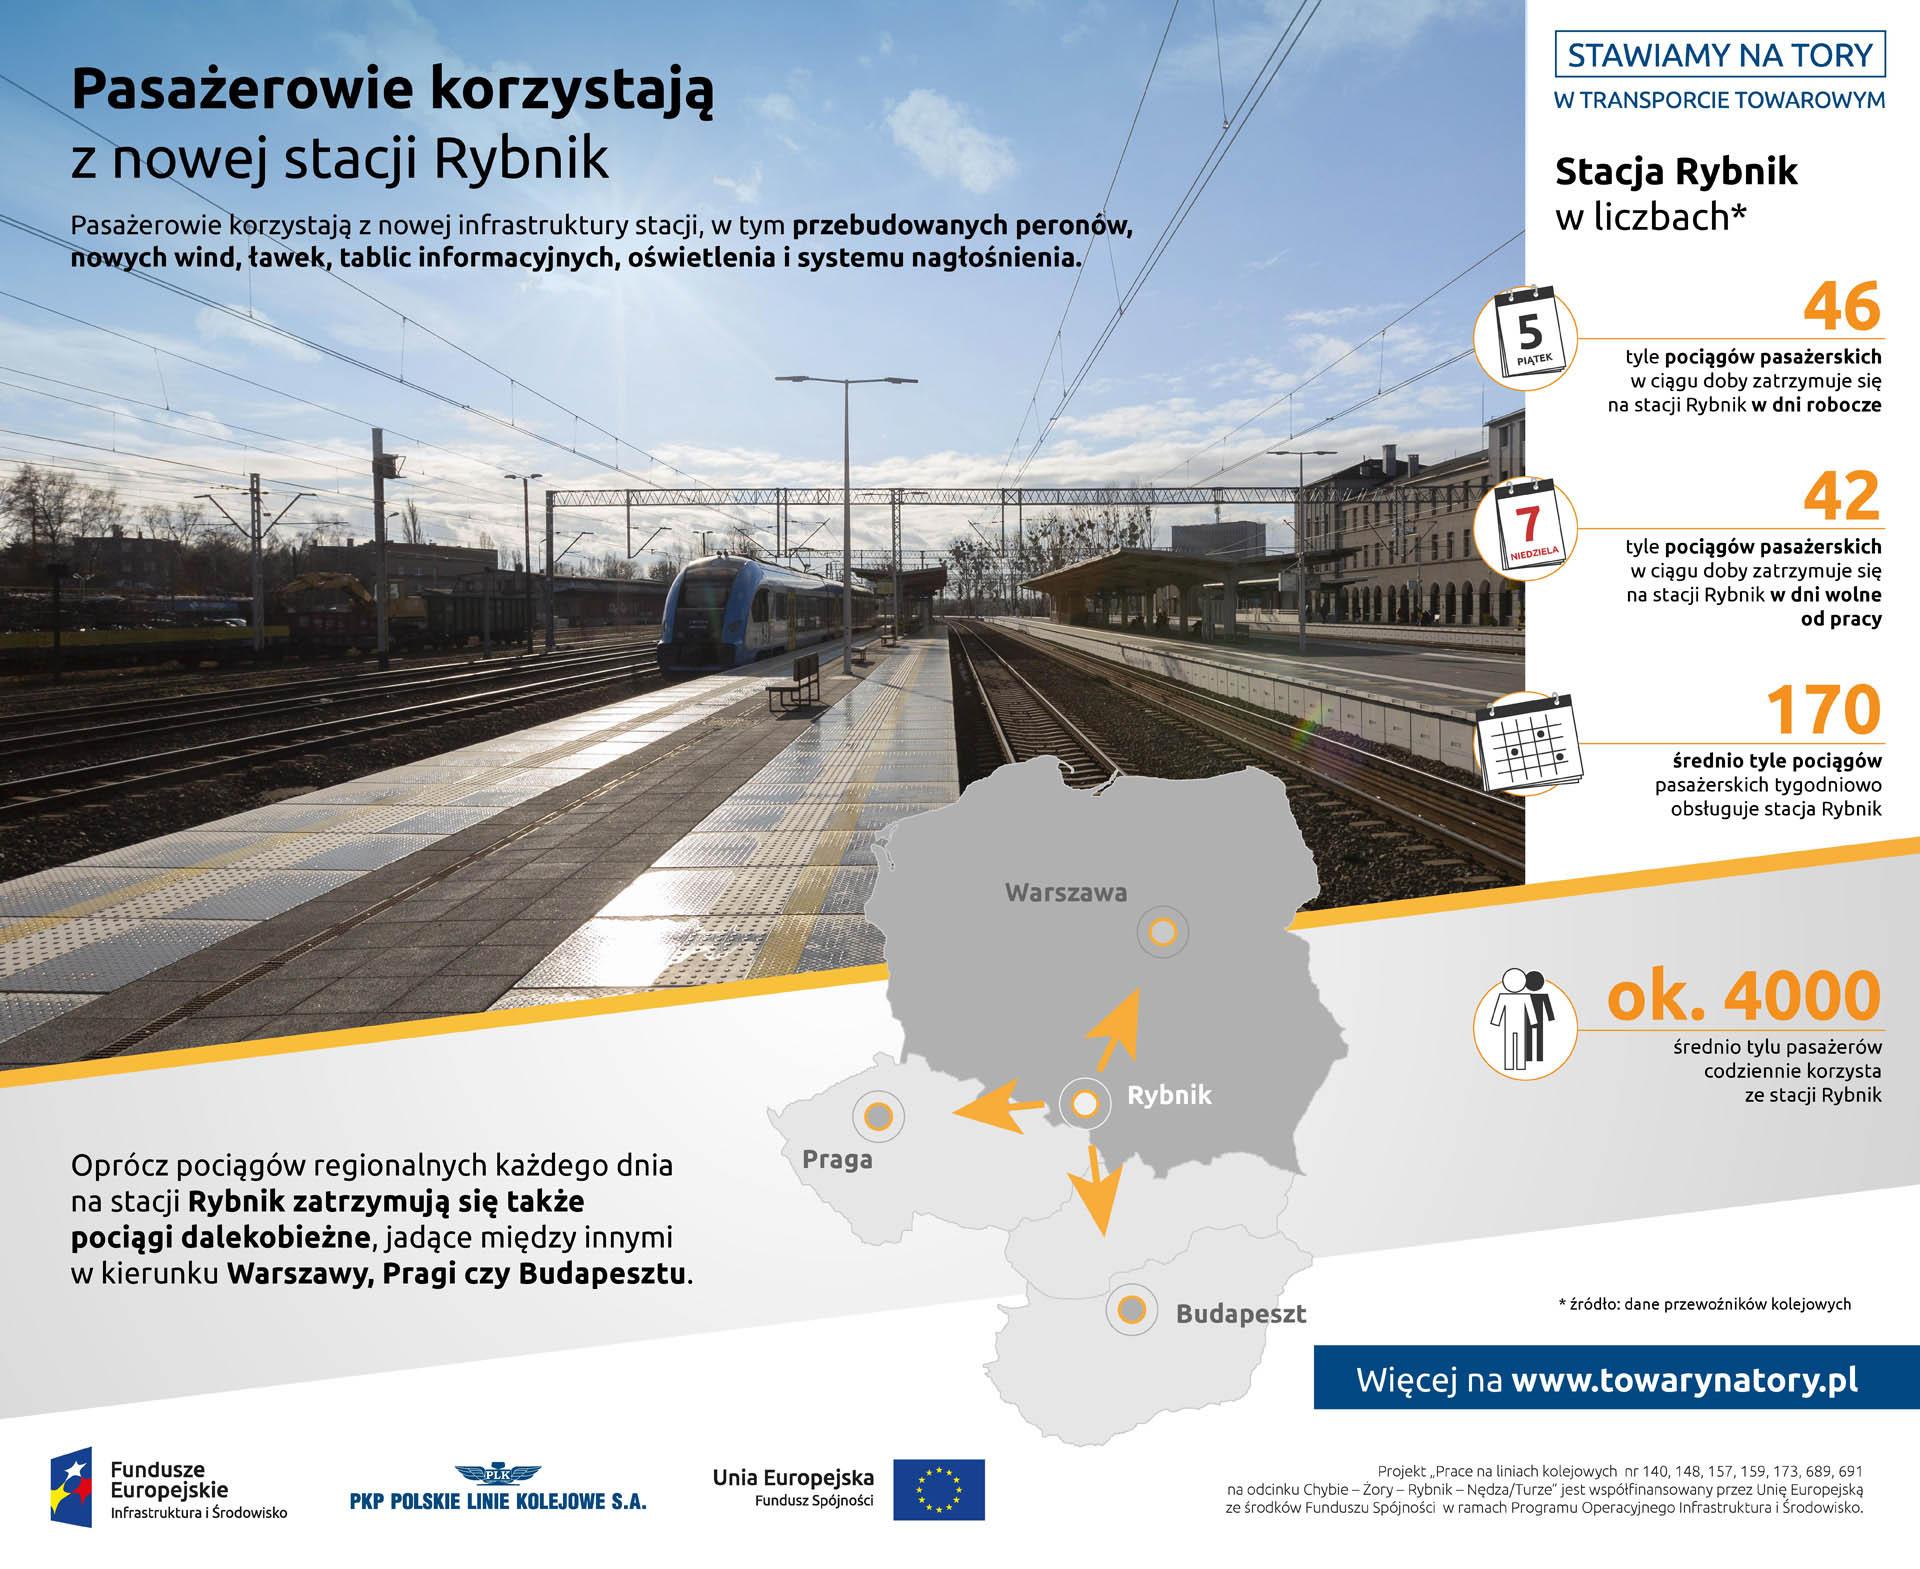 Infografika mówi o odnowionej stacji wRybniku. Przedstawia statystyki: 46 pociągów w ciagu dnia jest obsługiwanych na tej stacji. Daje to 170 pociągów w ciągu miesiąca i obsługę 4000 osób.